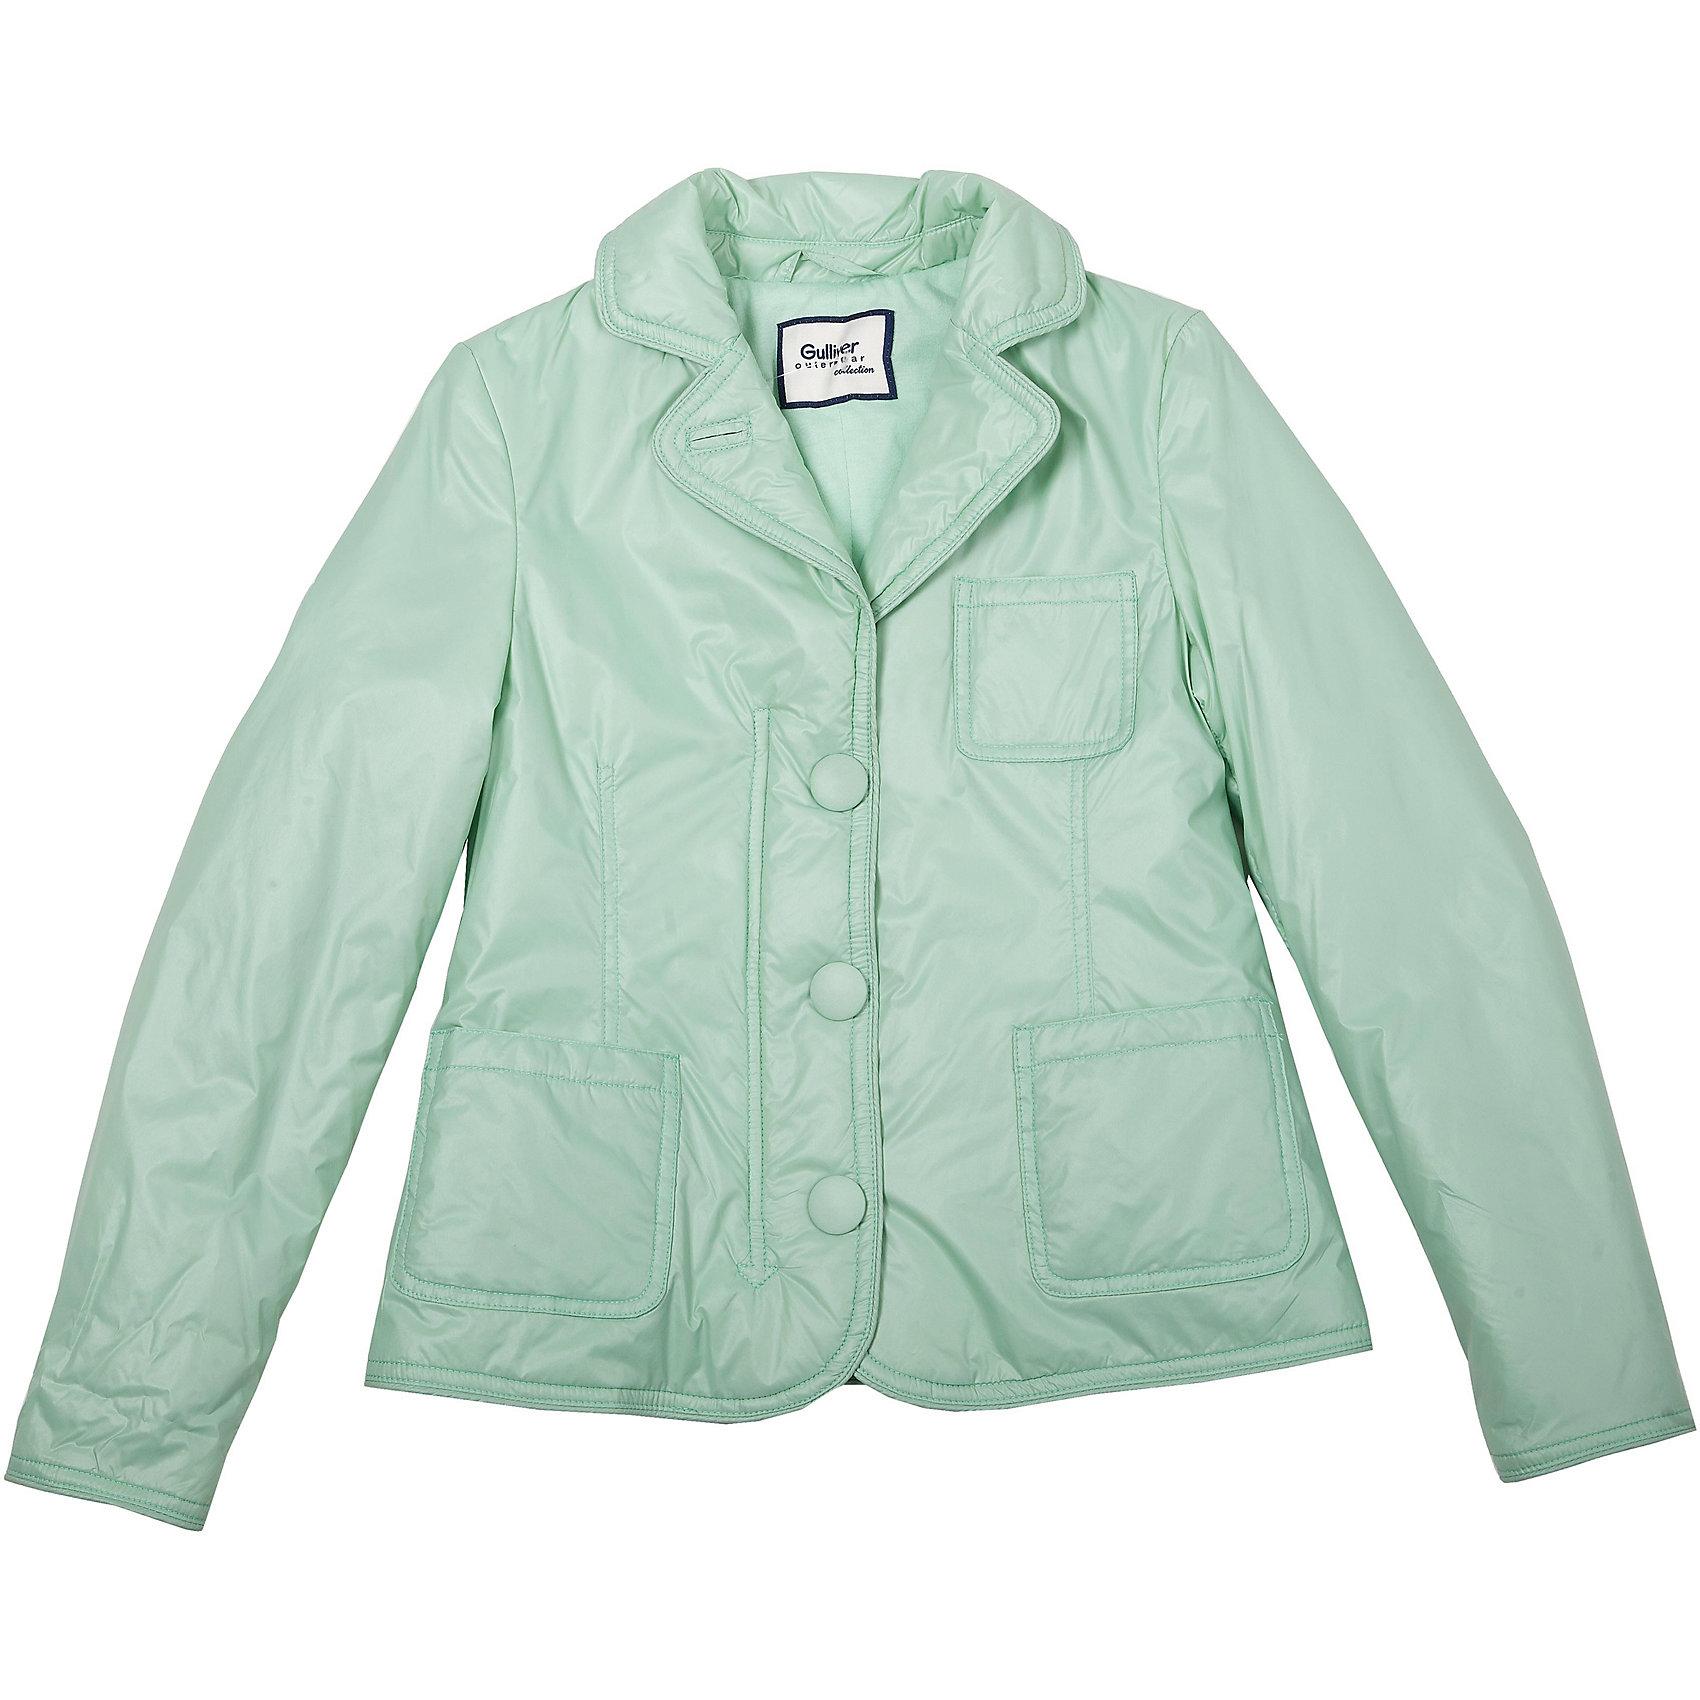 Куртка для девочки GulliverПлащевой пиджак на синтепоне - образец элегантности и комфорта! Выполненный из тонкой плащевки на трикотажной подкладке, нежный, легкий, уютный, он прекрасно дополнит любой образ из коллекции Апрель. Чуть приталенный силуэт, английский воротник, накладные карманы. Мятный плащевой пиджак - классика стиля casual. Если вы решили сделать весенний гардероб ребенка модным, комфортным, интересным, вам стоит купить утепленный пиджак, а не банальную куртку. Стильная, свежая, оригинальная модель займет достойное место в гардеробе юной модницы.<br>Состав:<br>верх: 100% нейлон;  подкл.: 50% хлопок 50% полиэстер/ 100% полиэстер; утепл.: 100% полиэстер<br><br>Ширина мм: 356<br>Глубина мм: 10<br>Высота мм: 245<br>Вес г: 519<br>Цвет: зеленый<br>Возраст от месяцев: 132<br>Возраст до месяцев: 144<br>Пол: Женский<br>Возраст: Детский<br>Размер: 146,134,152,128,140,158<br>SKU: 4534399